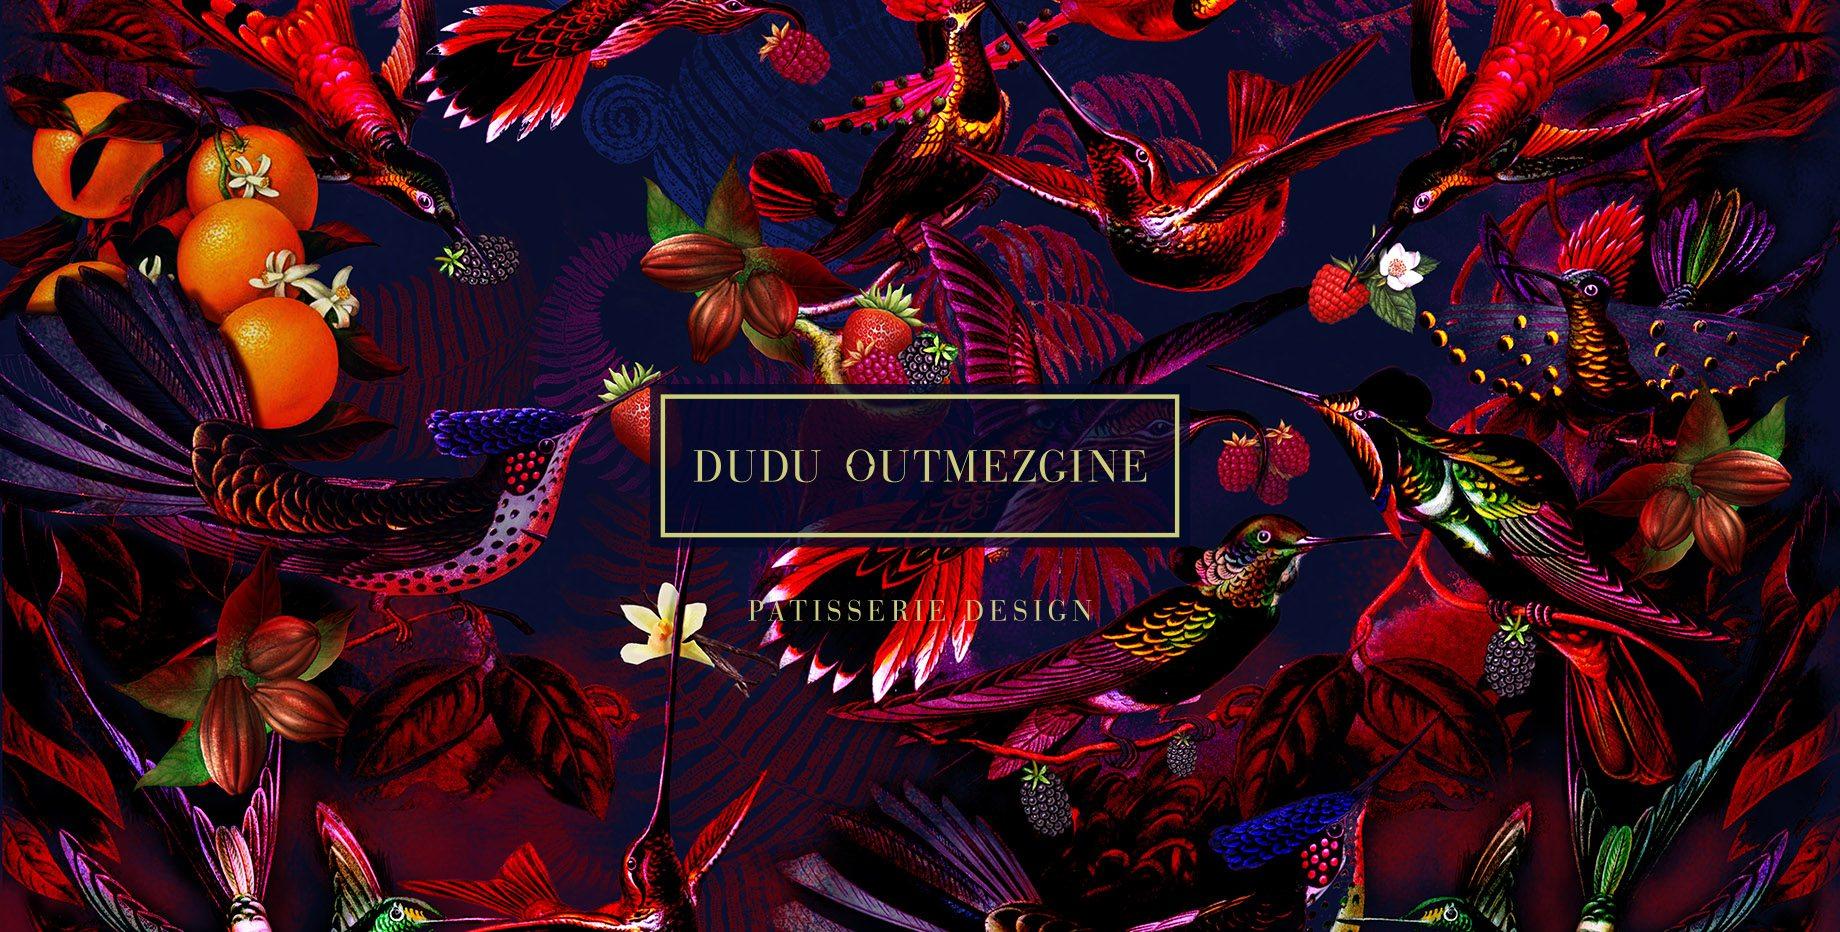 Izzy Nesselrode, Da Colony, Branding, creative design, DUDU OUTMEZGINE, Creative Brand design, packaging design, visual language, Logo design דודו אוטמזגין, פטיסרי, מאפייה, מעדנייה, מיתוג, עיצוב אריזות, עיצוב לוגו, עיצוב אריזות, איזי נסלרוד, דה קולוני, מיתוג, עיצוב, קיראטיב, אסטרטגיה תדמיתית 08